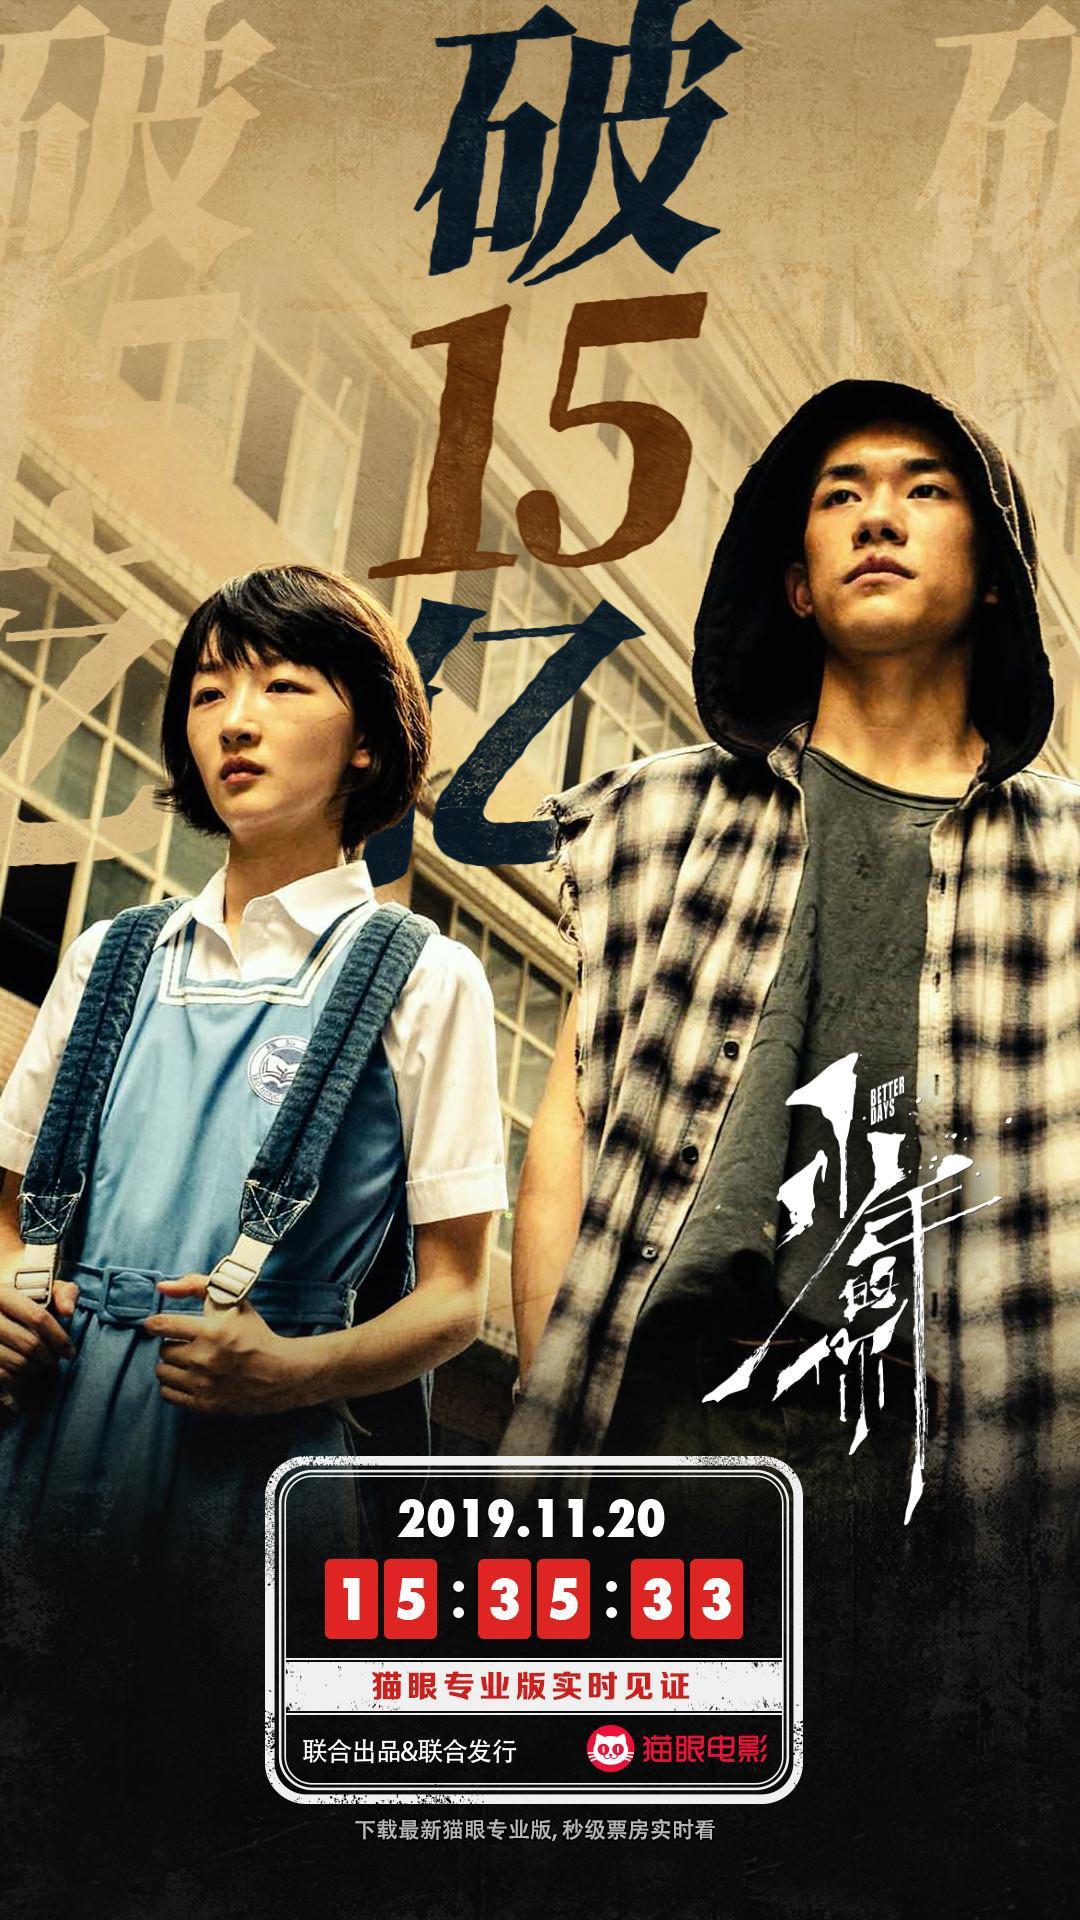 2019总票房排行榜_漫改佳作占七席 日媒公布2019年上半年日本电影票房排